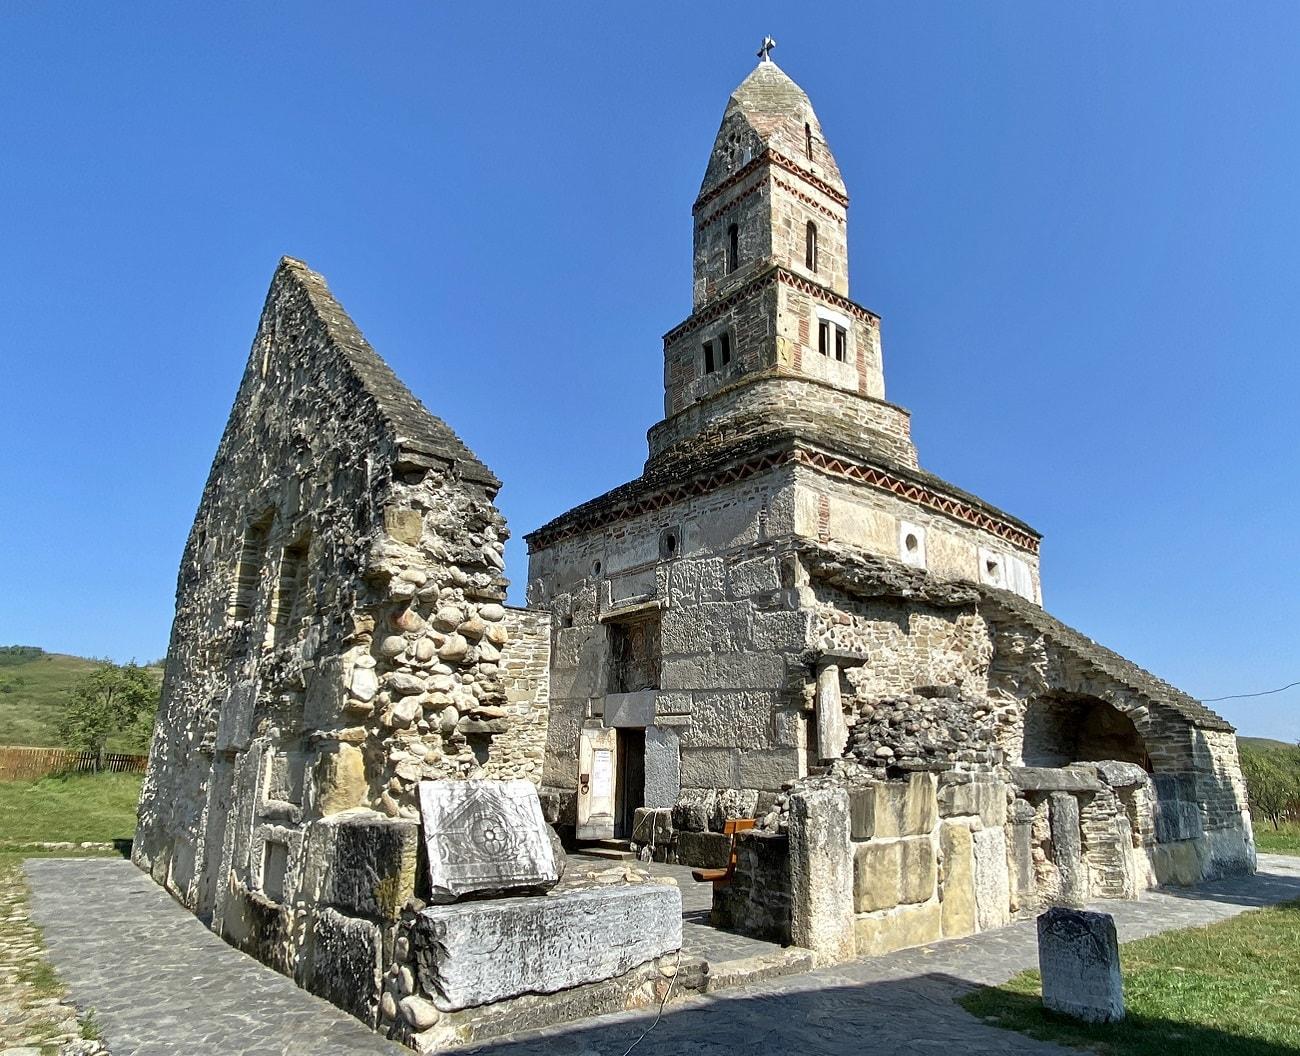 Densus biserica fortificata